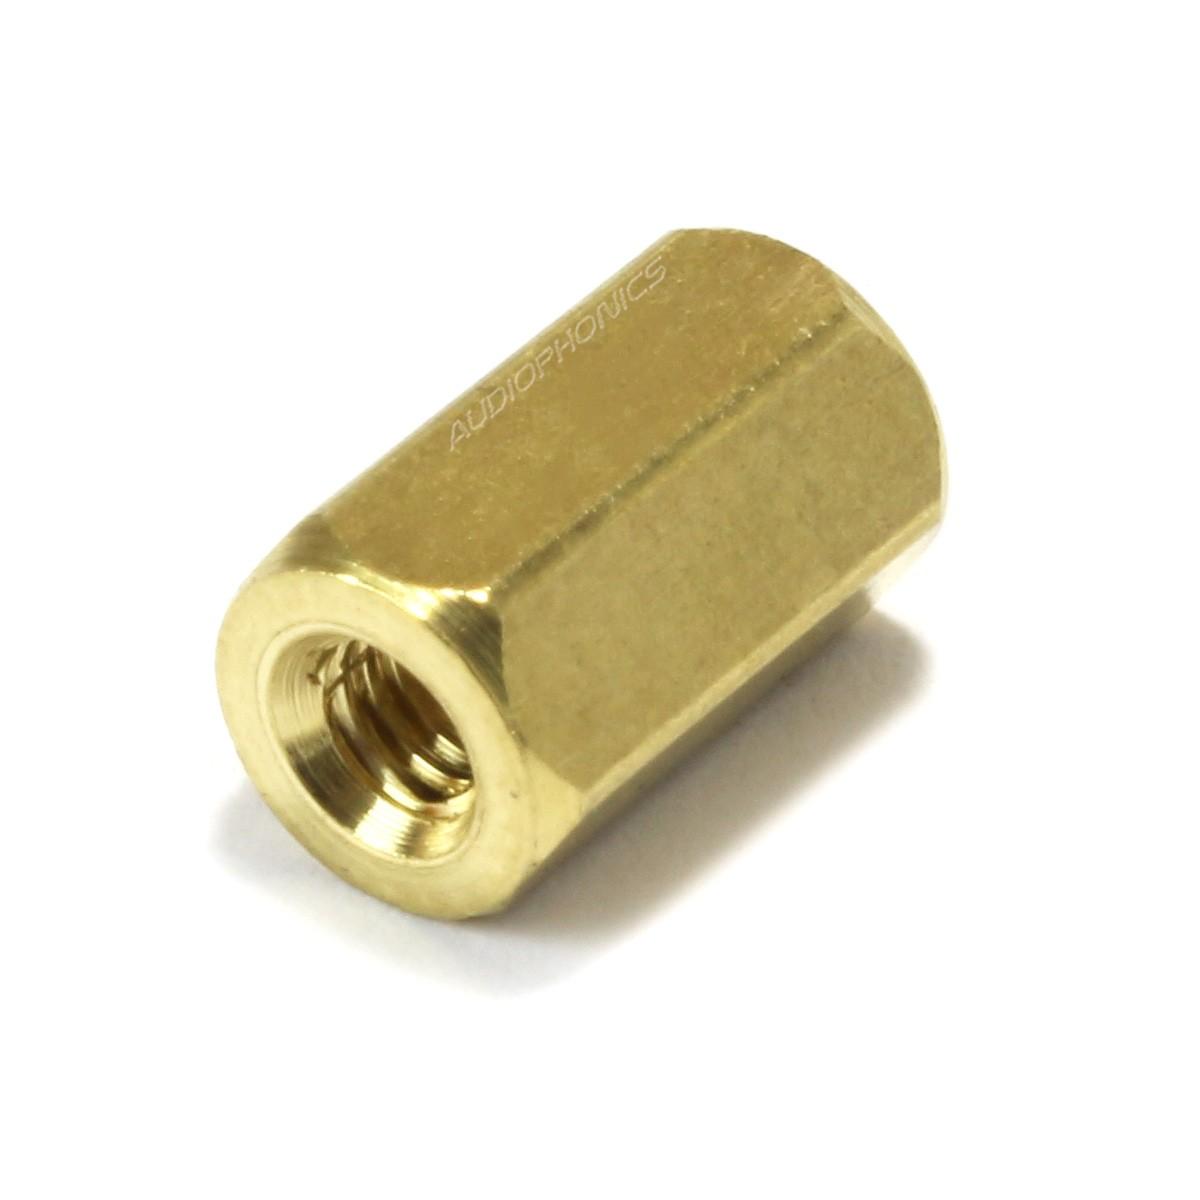 Brass Spacers Female / Female M2.5x8mm (x10)